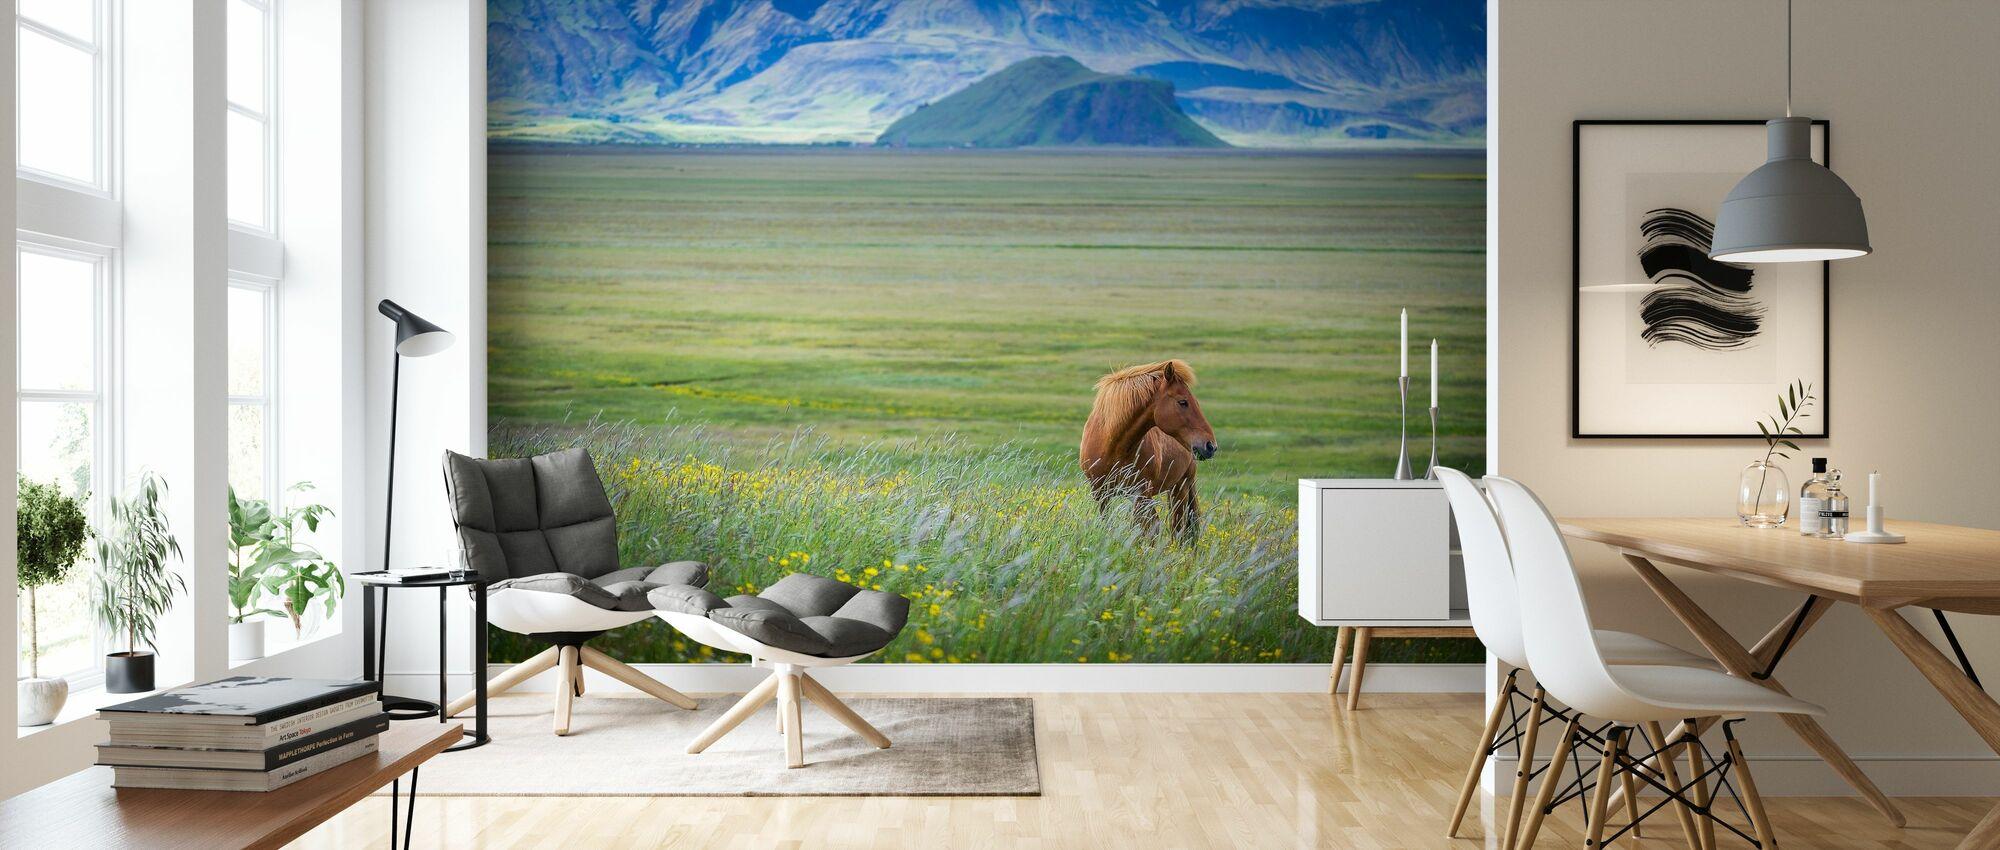 Island i ett nötskal - Tapet - Vardagsrum